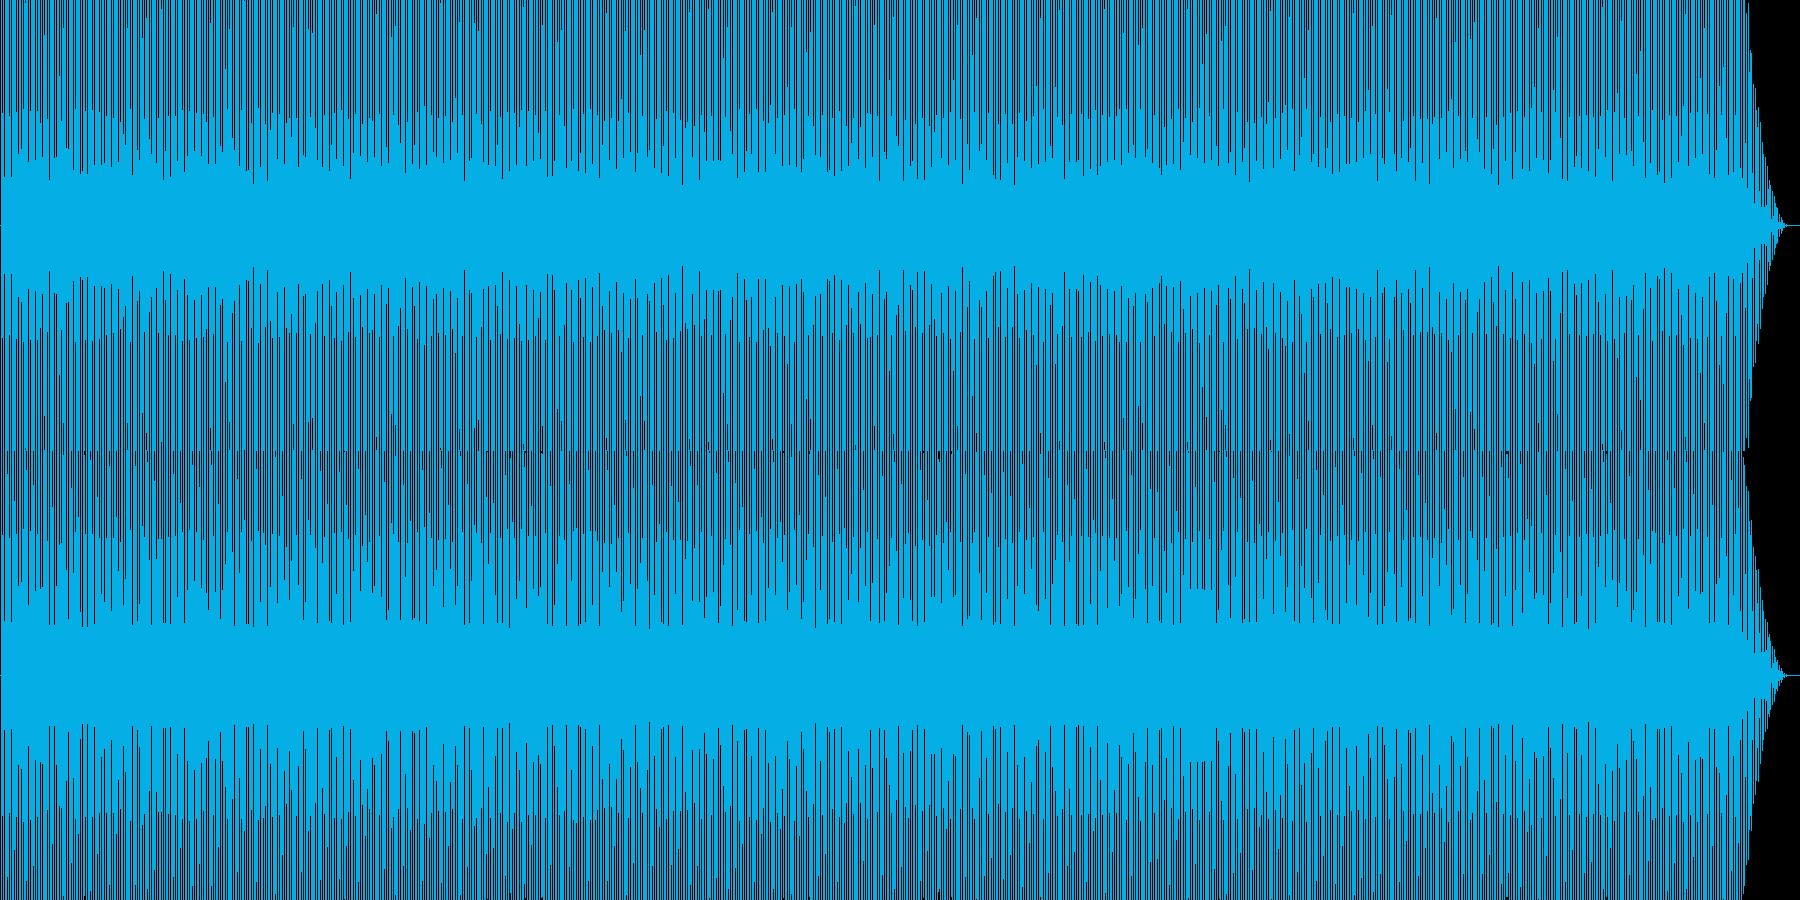 機械的なシンセと4つ打ちの再生済みの波形